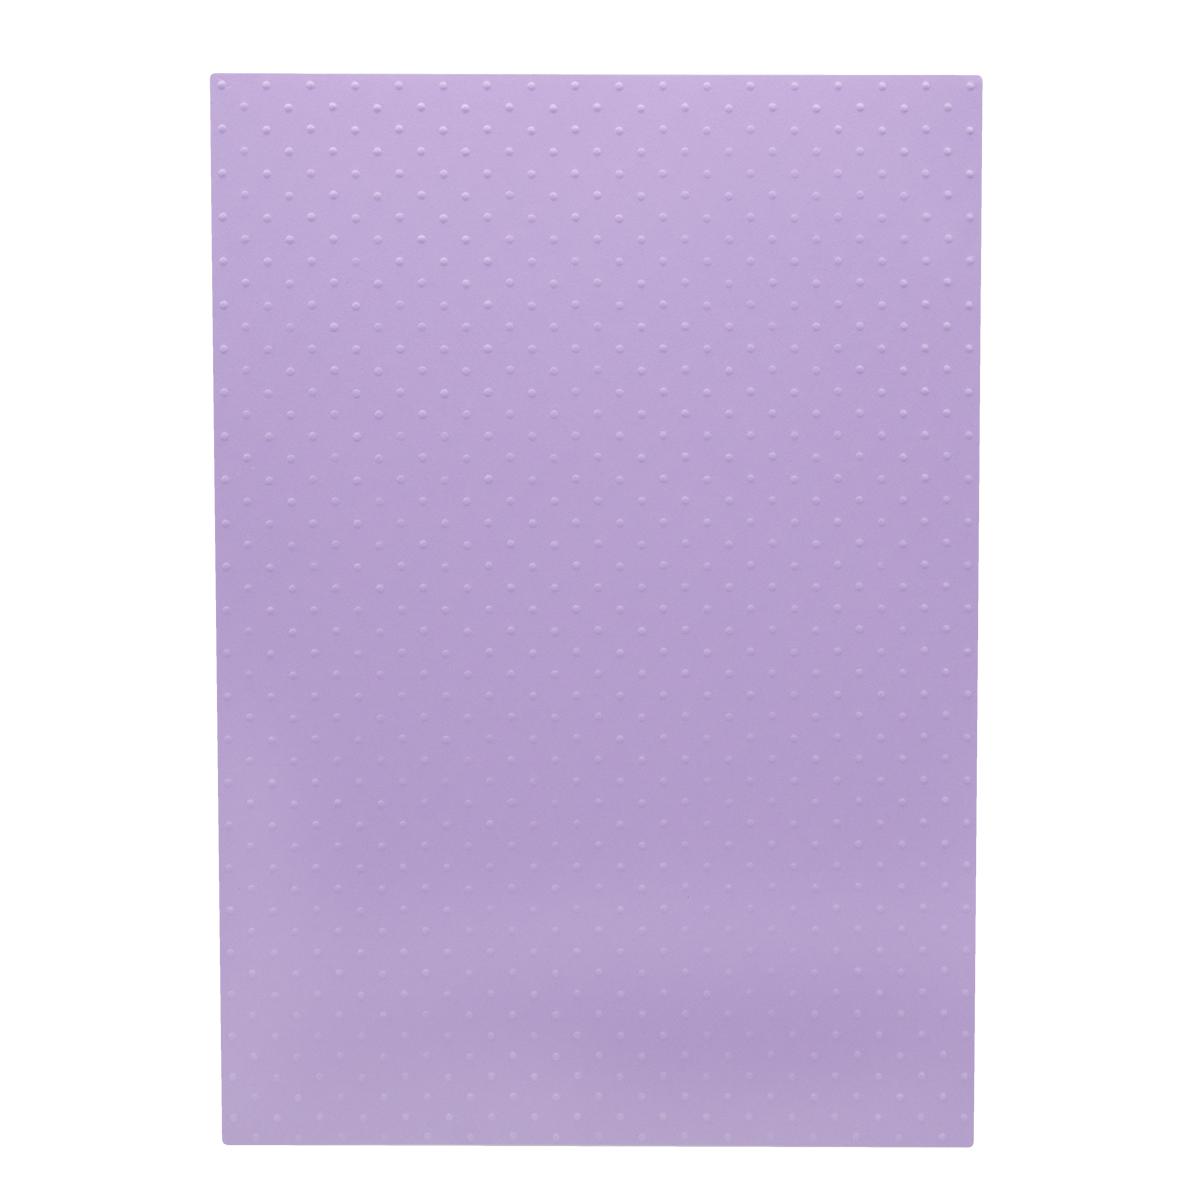 БР002 Бумага с рельефным рисунком 'Точки', упак./3 листа